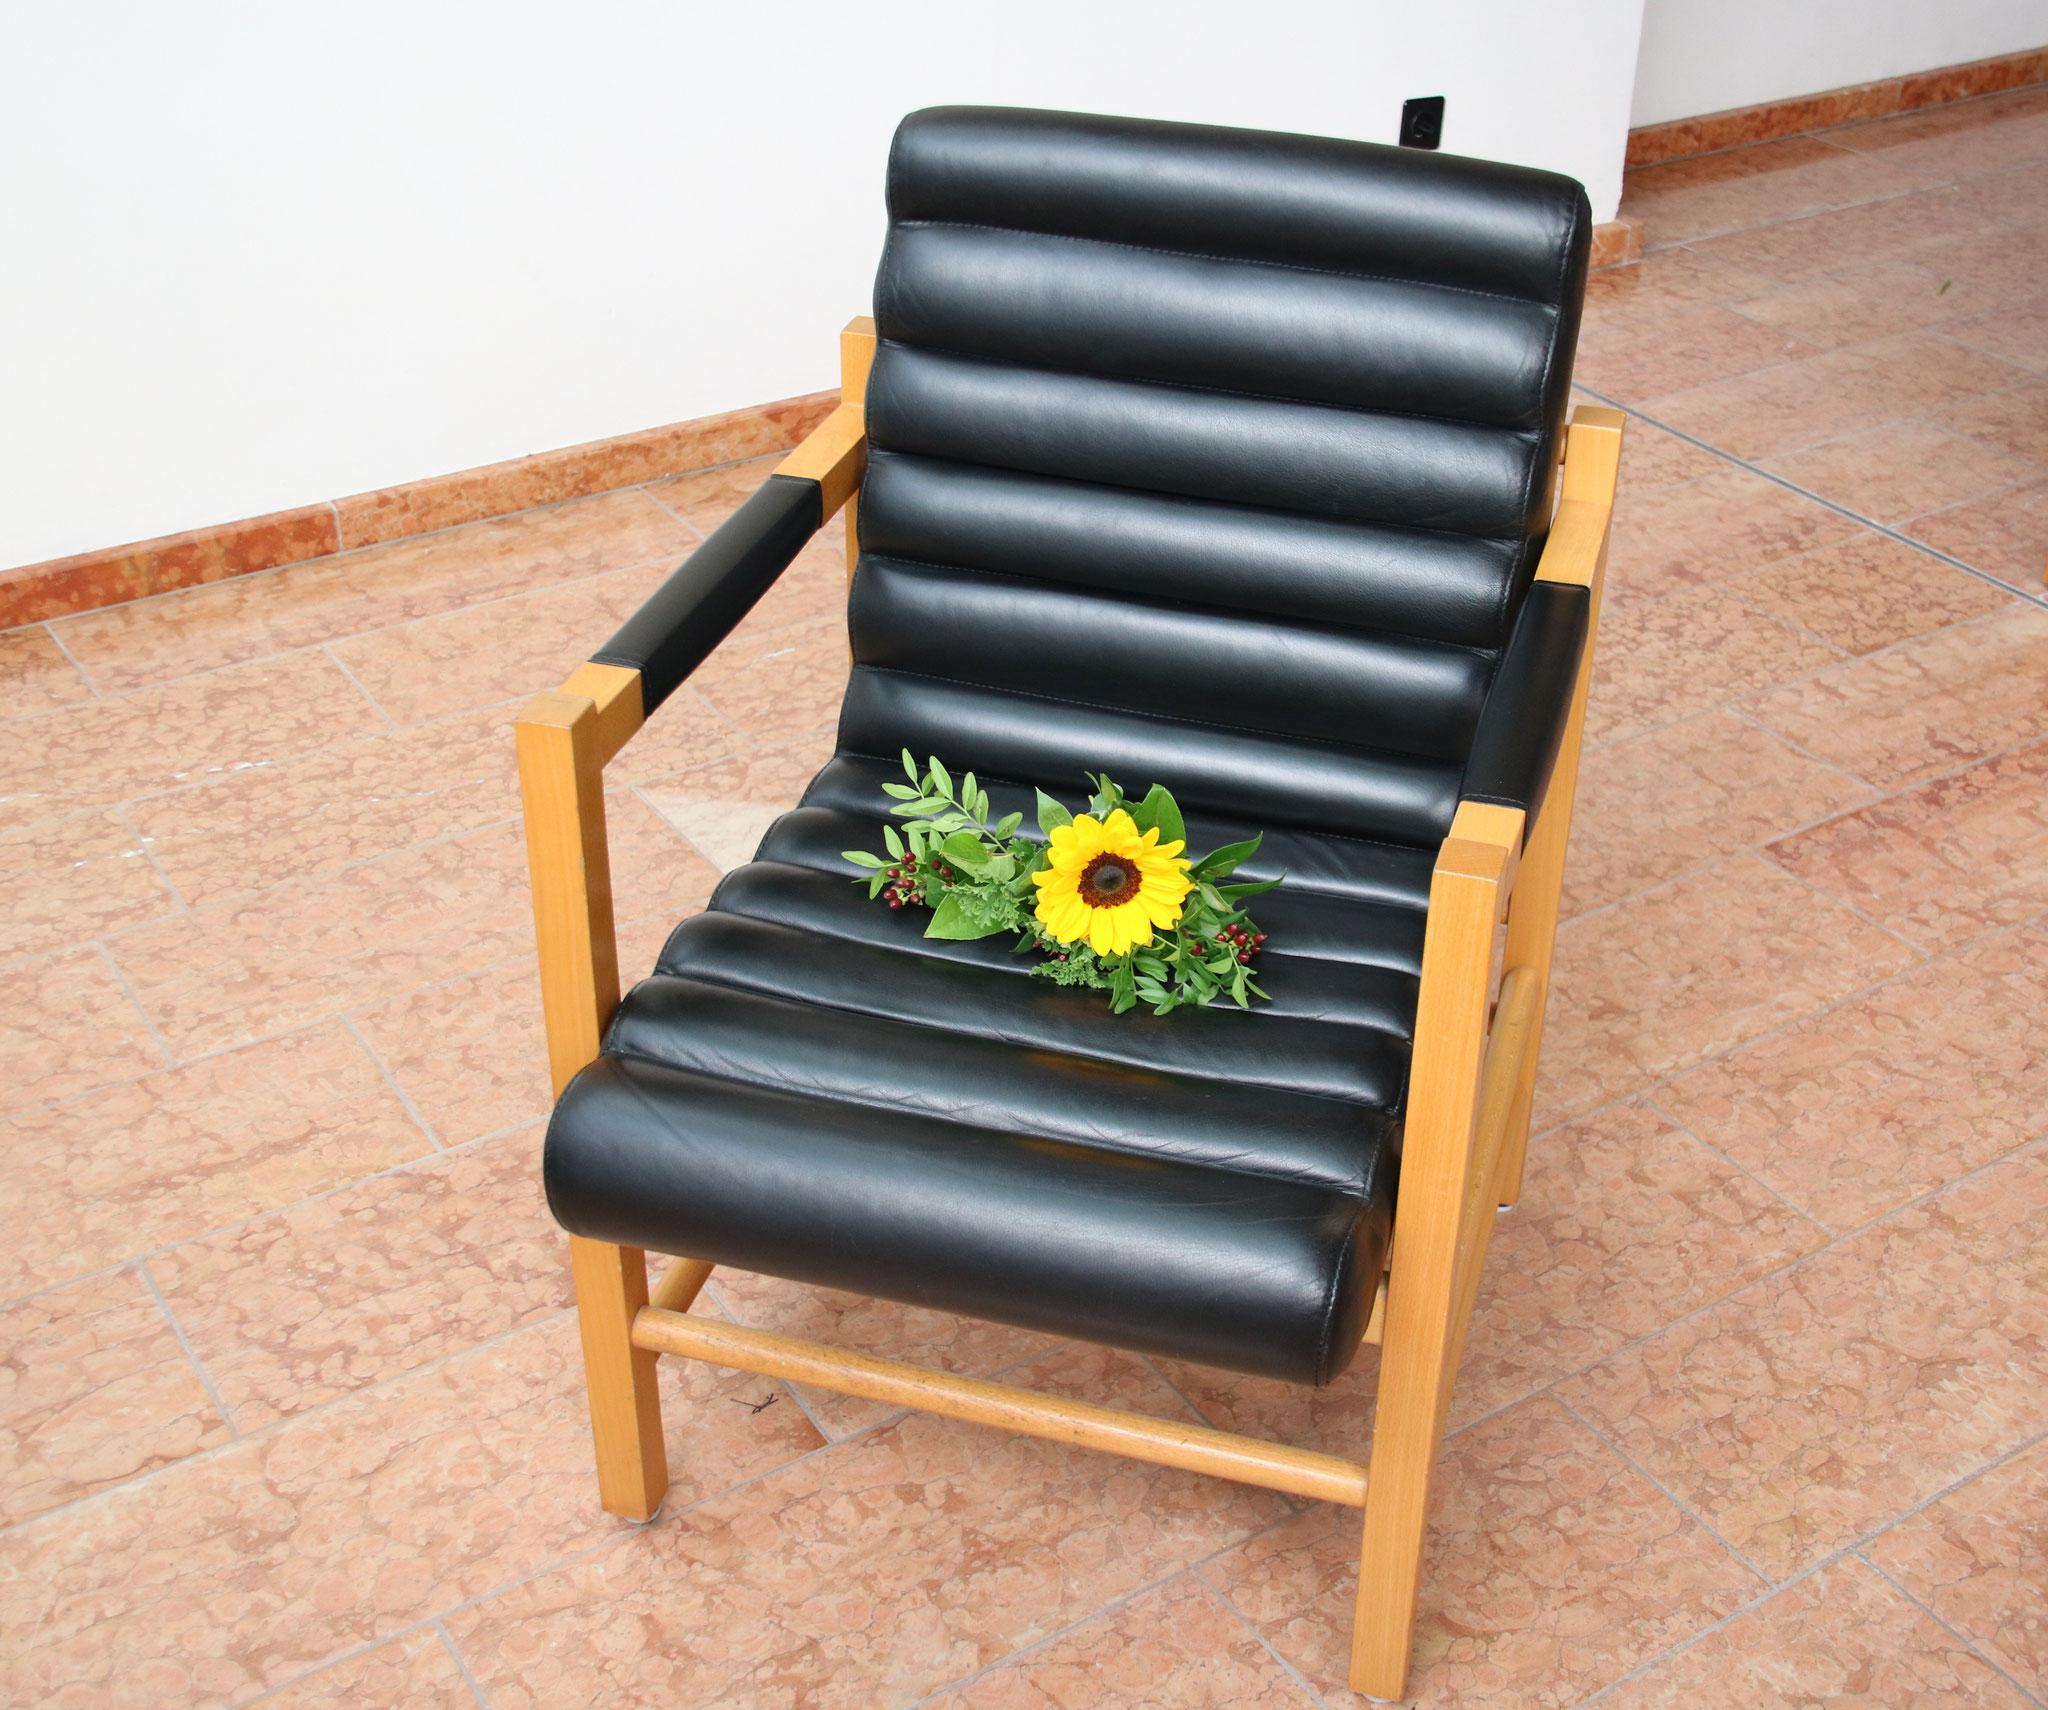 ... ohne den wenige Tage vorher tödlich verunglückten Trauzeugen Sven